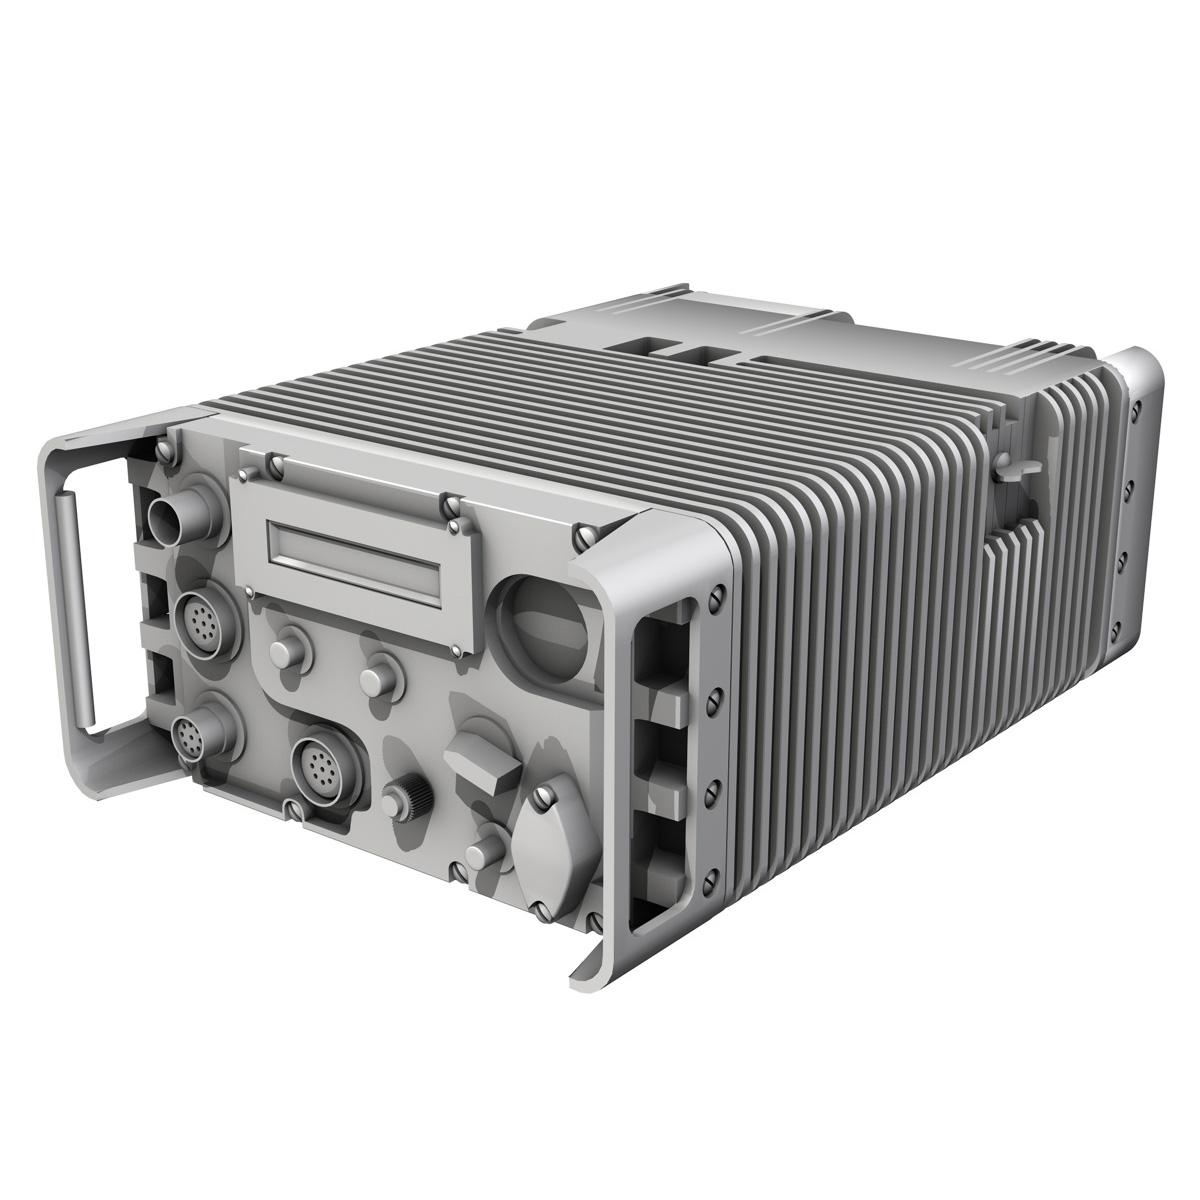 uhf military data radio 3d model 3ds fbx c4d lwo obj 189264